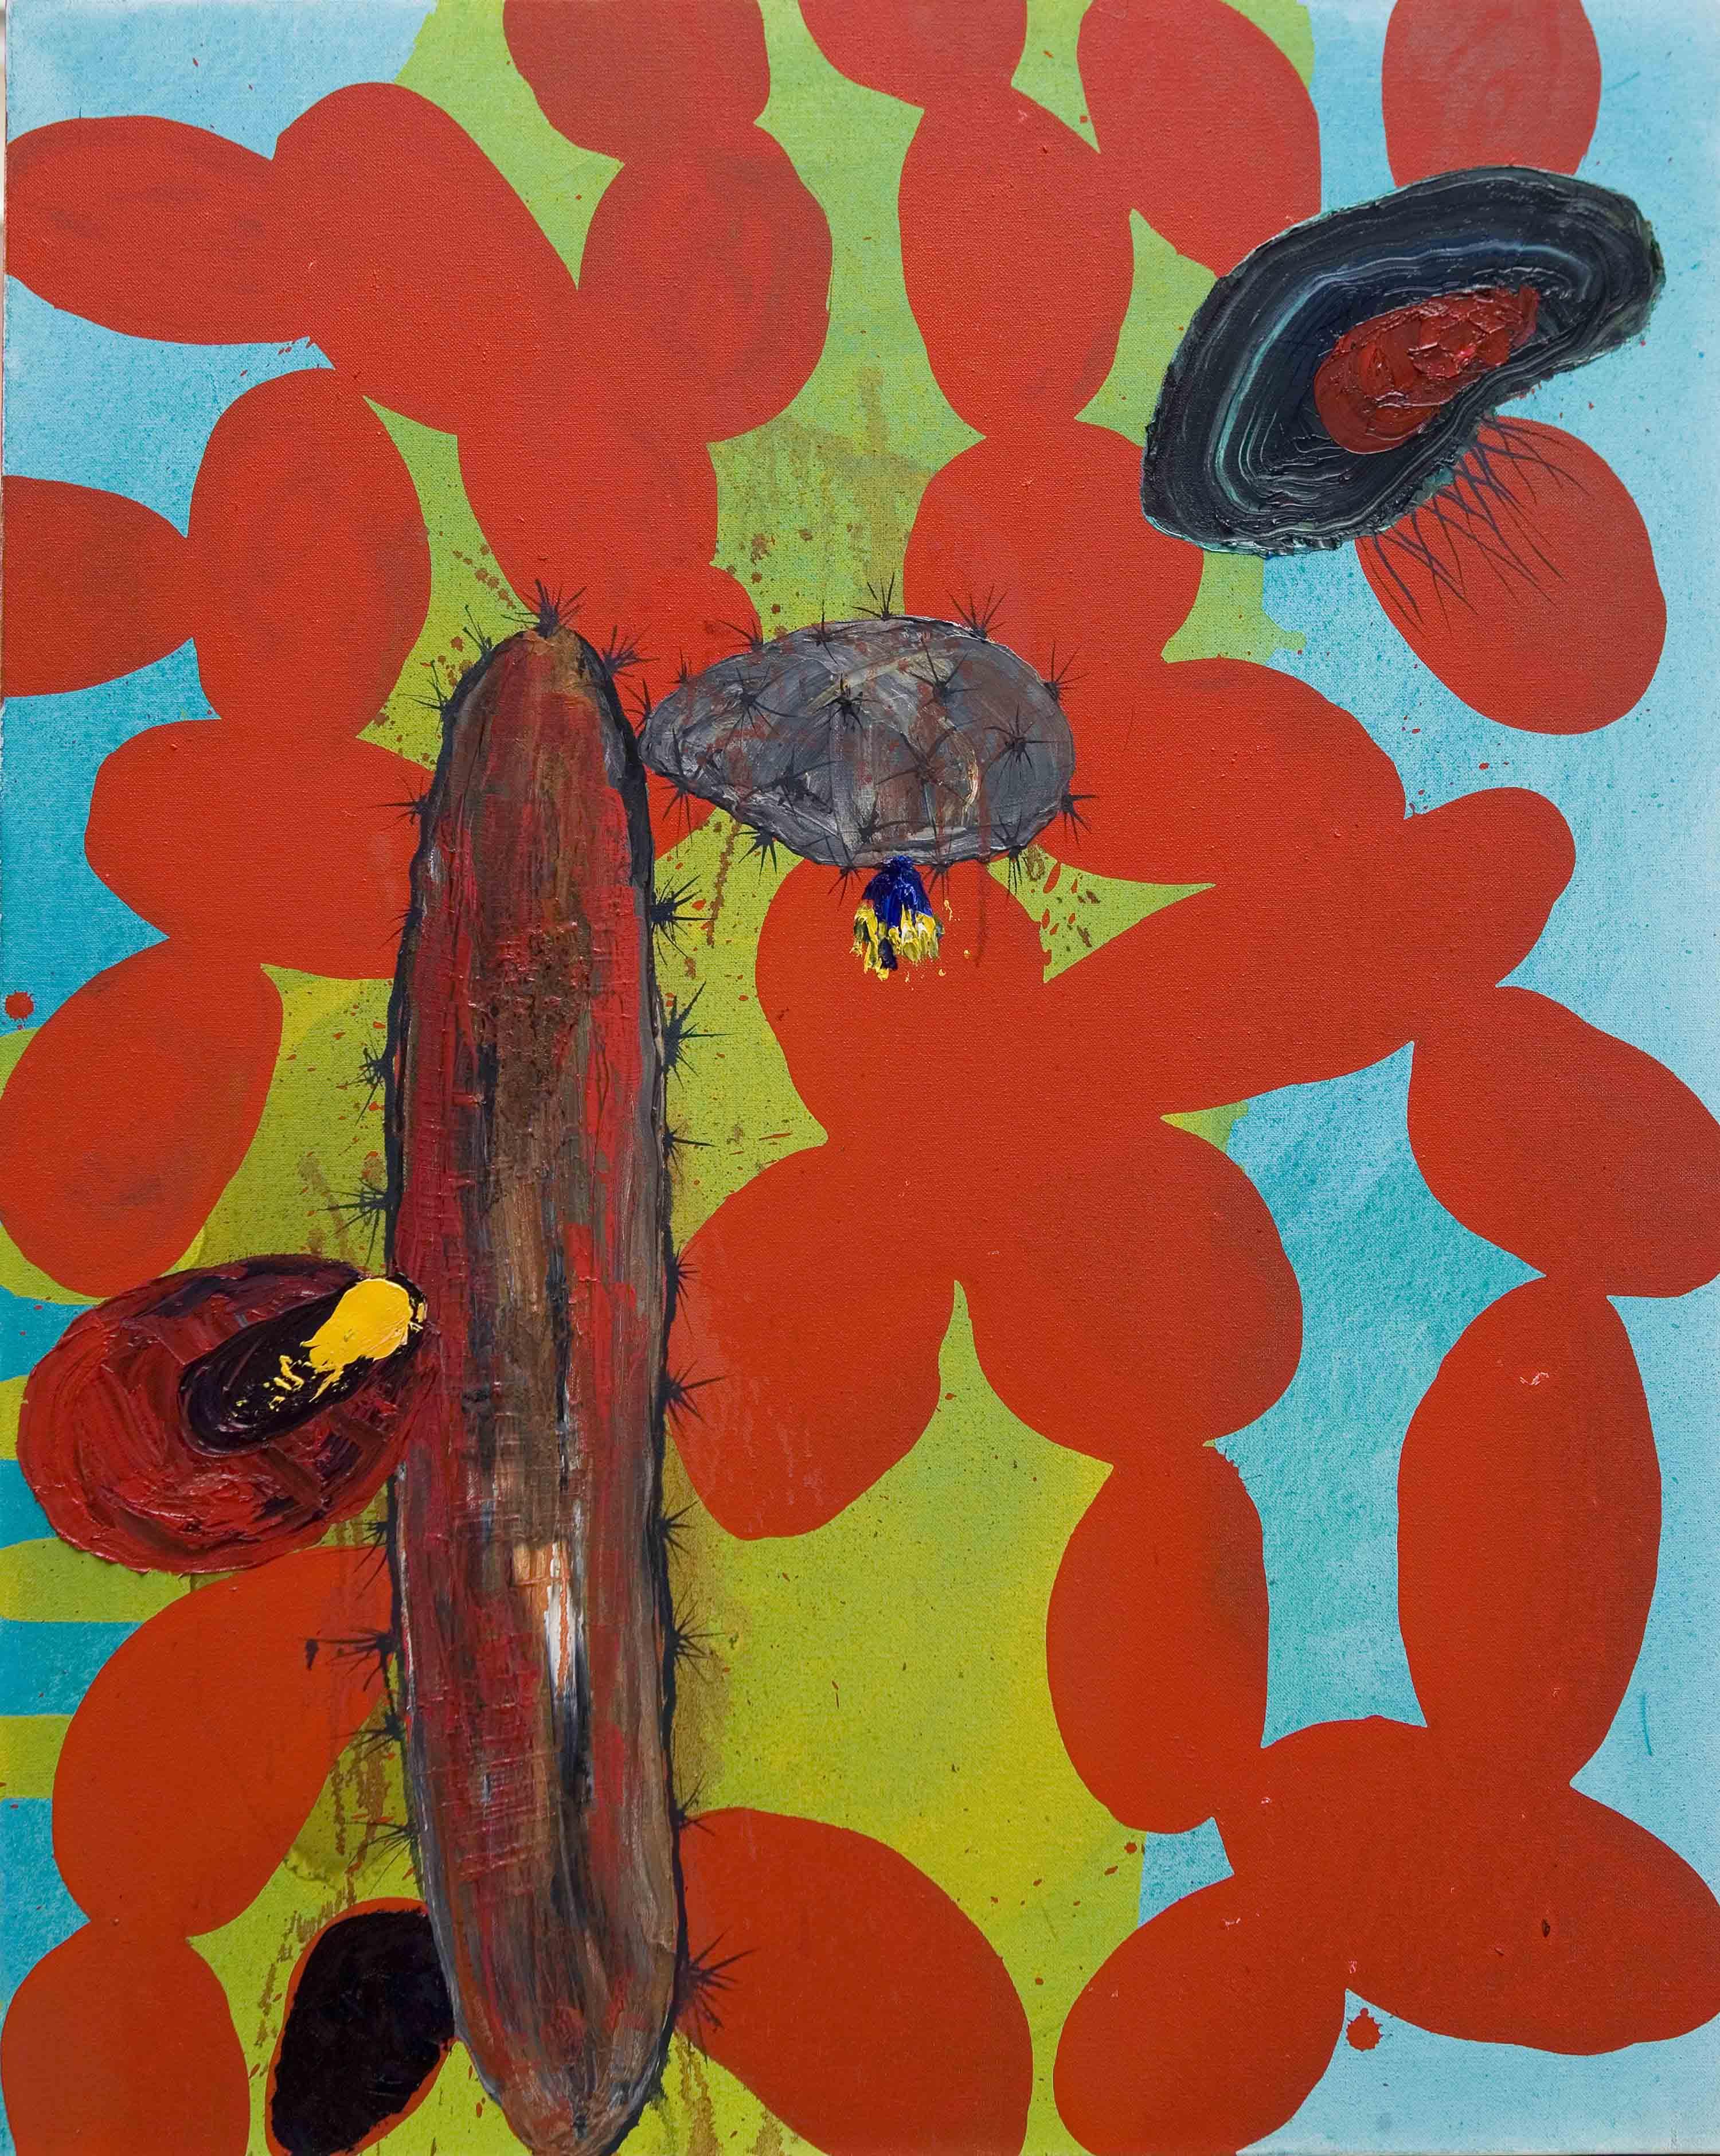 Tamayo-o-la-opuntia-roja.-2007.-óleo-y-acrílico-sobre-tela.-81x-65-cm-.